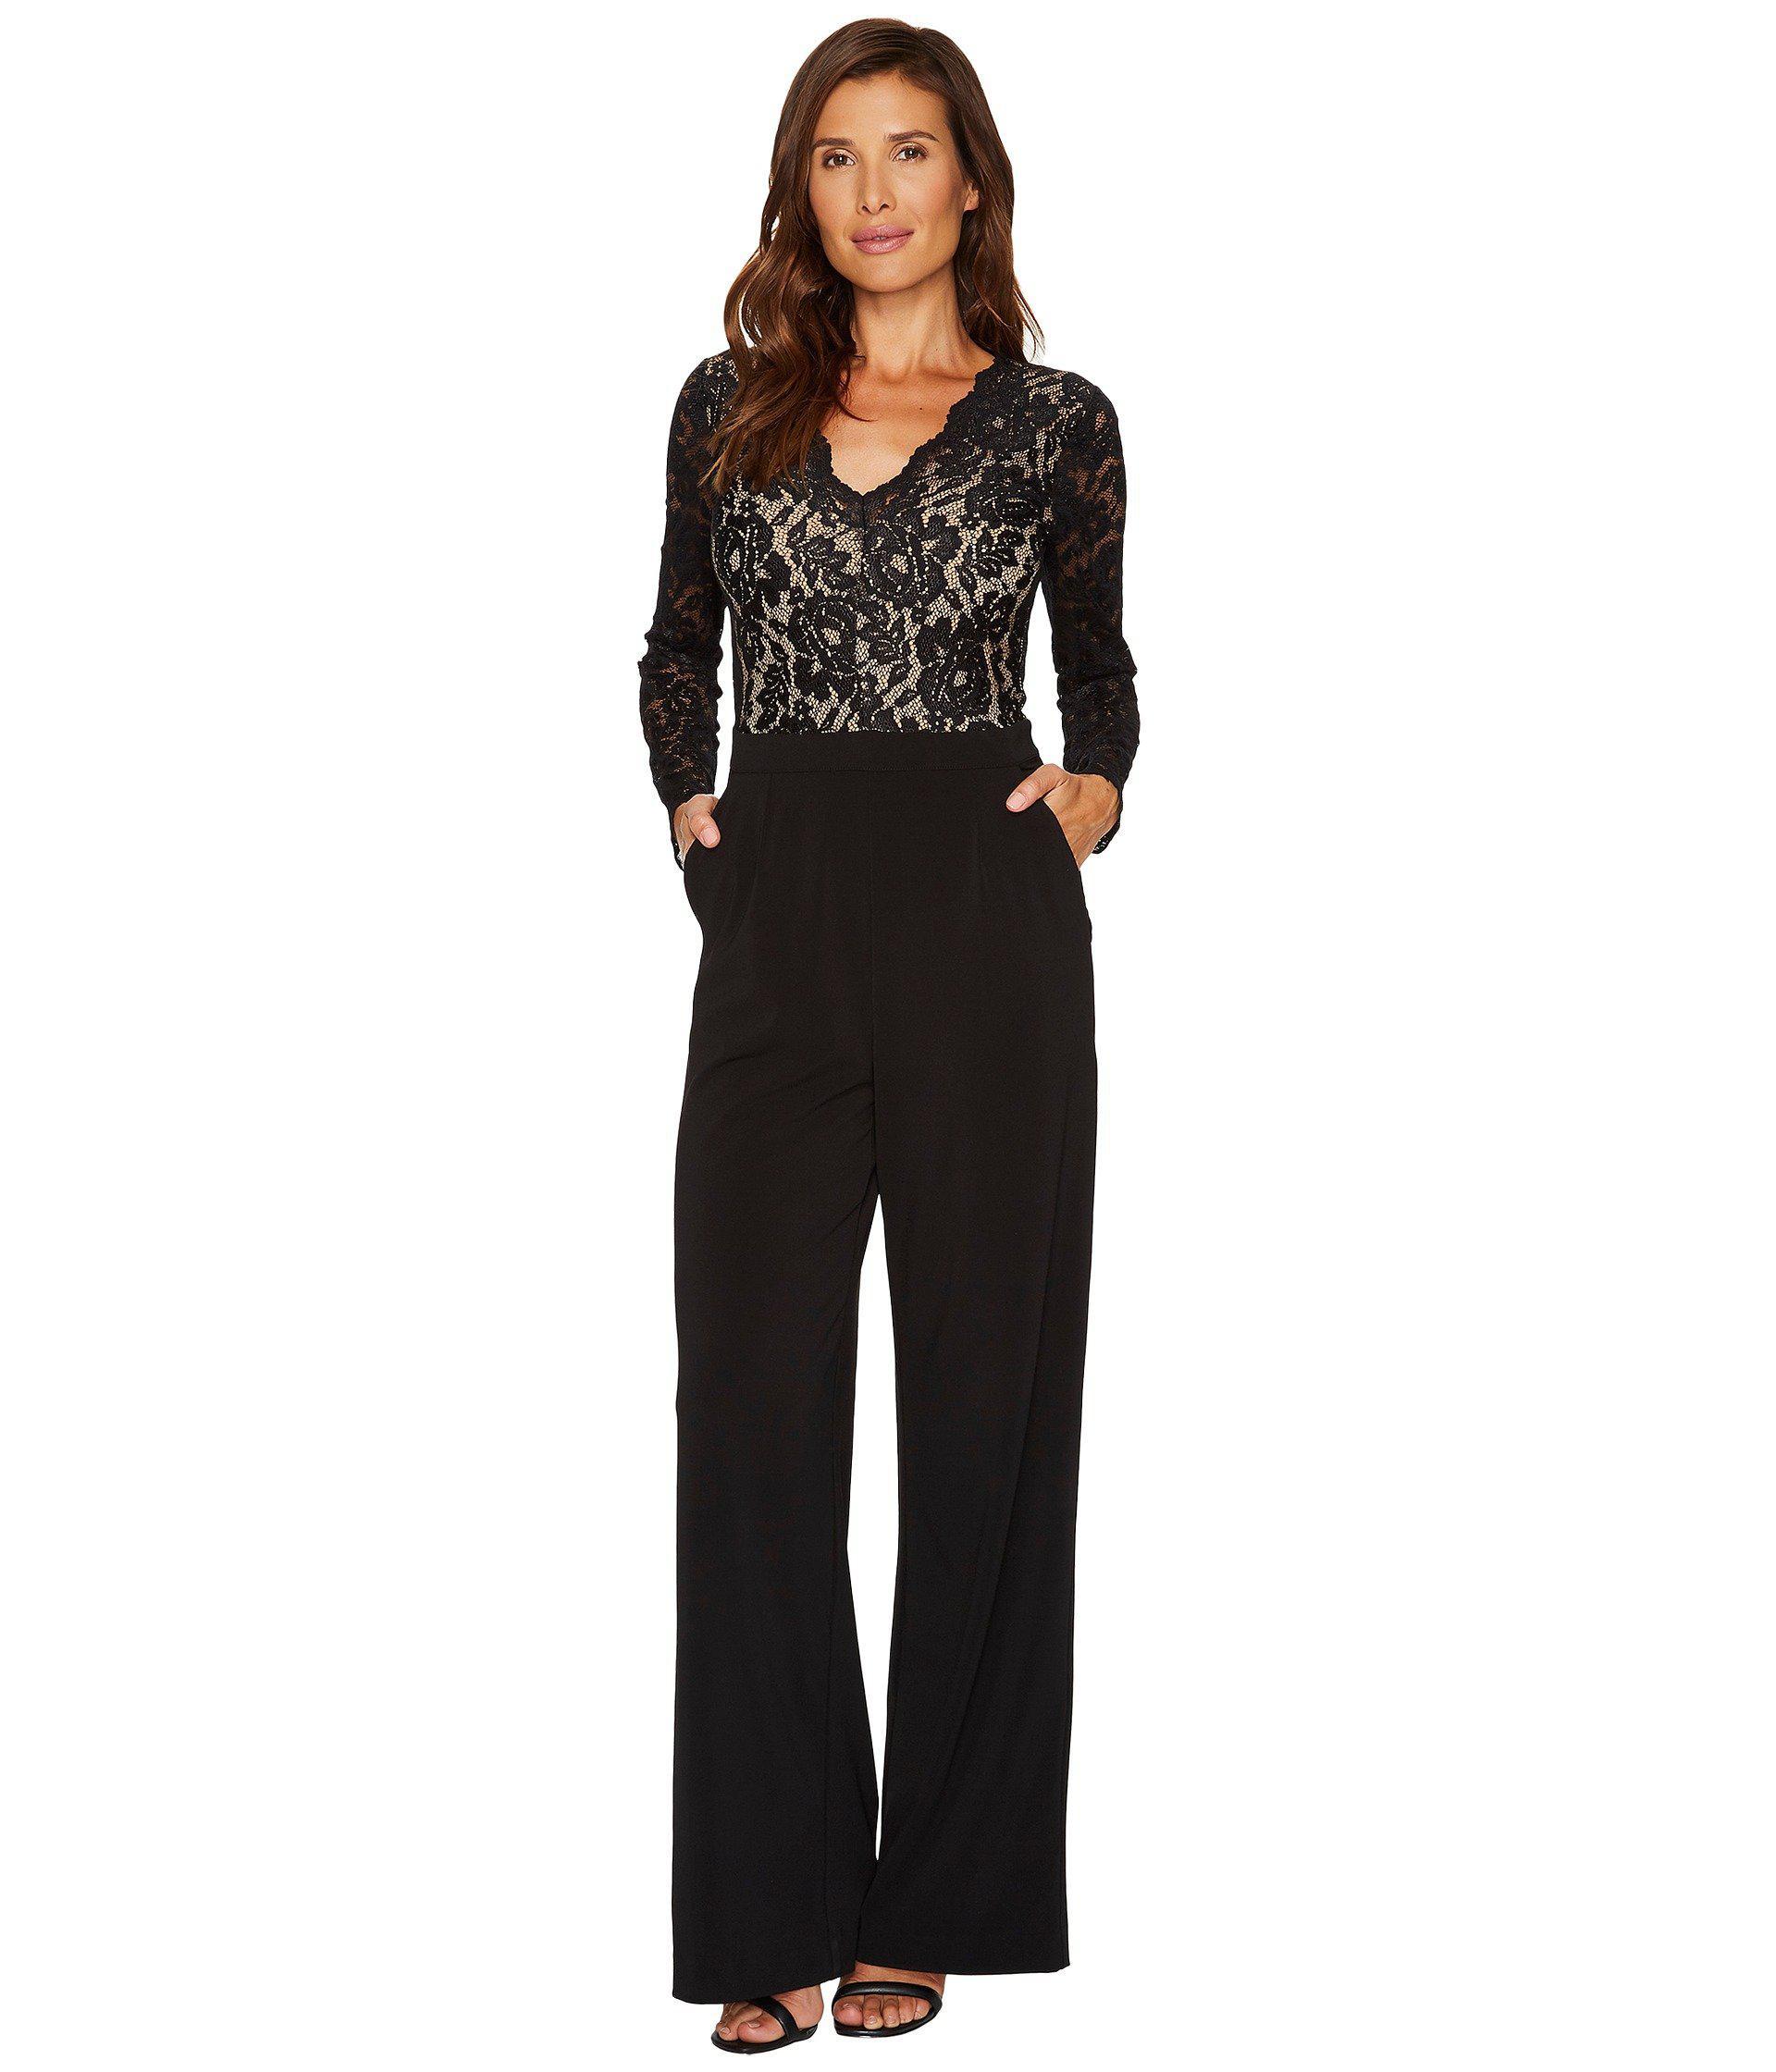 3a48e96d69a Lyst - Karen Kane Ava Contrast Lace Jumpsuit in Black